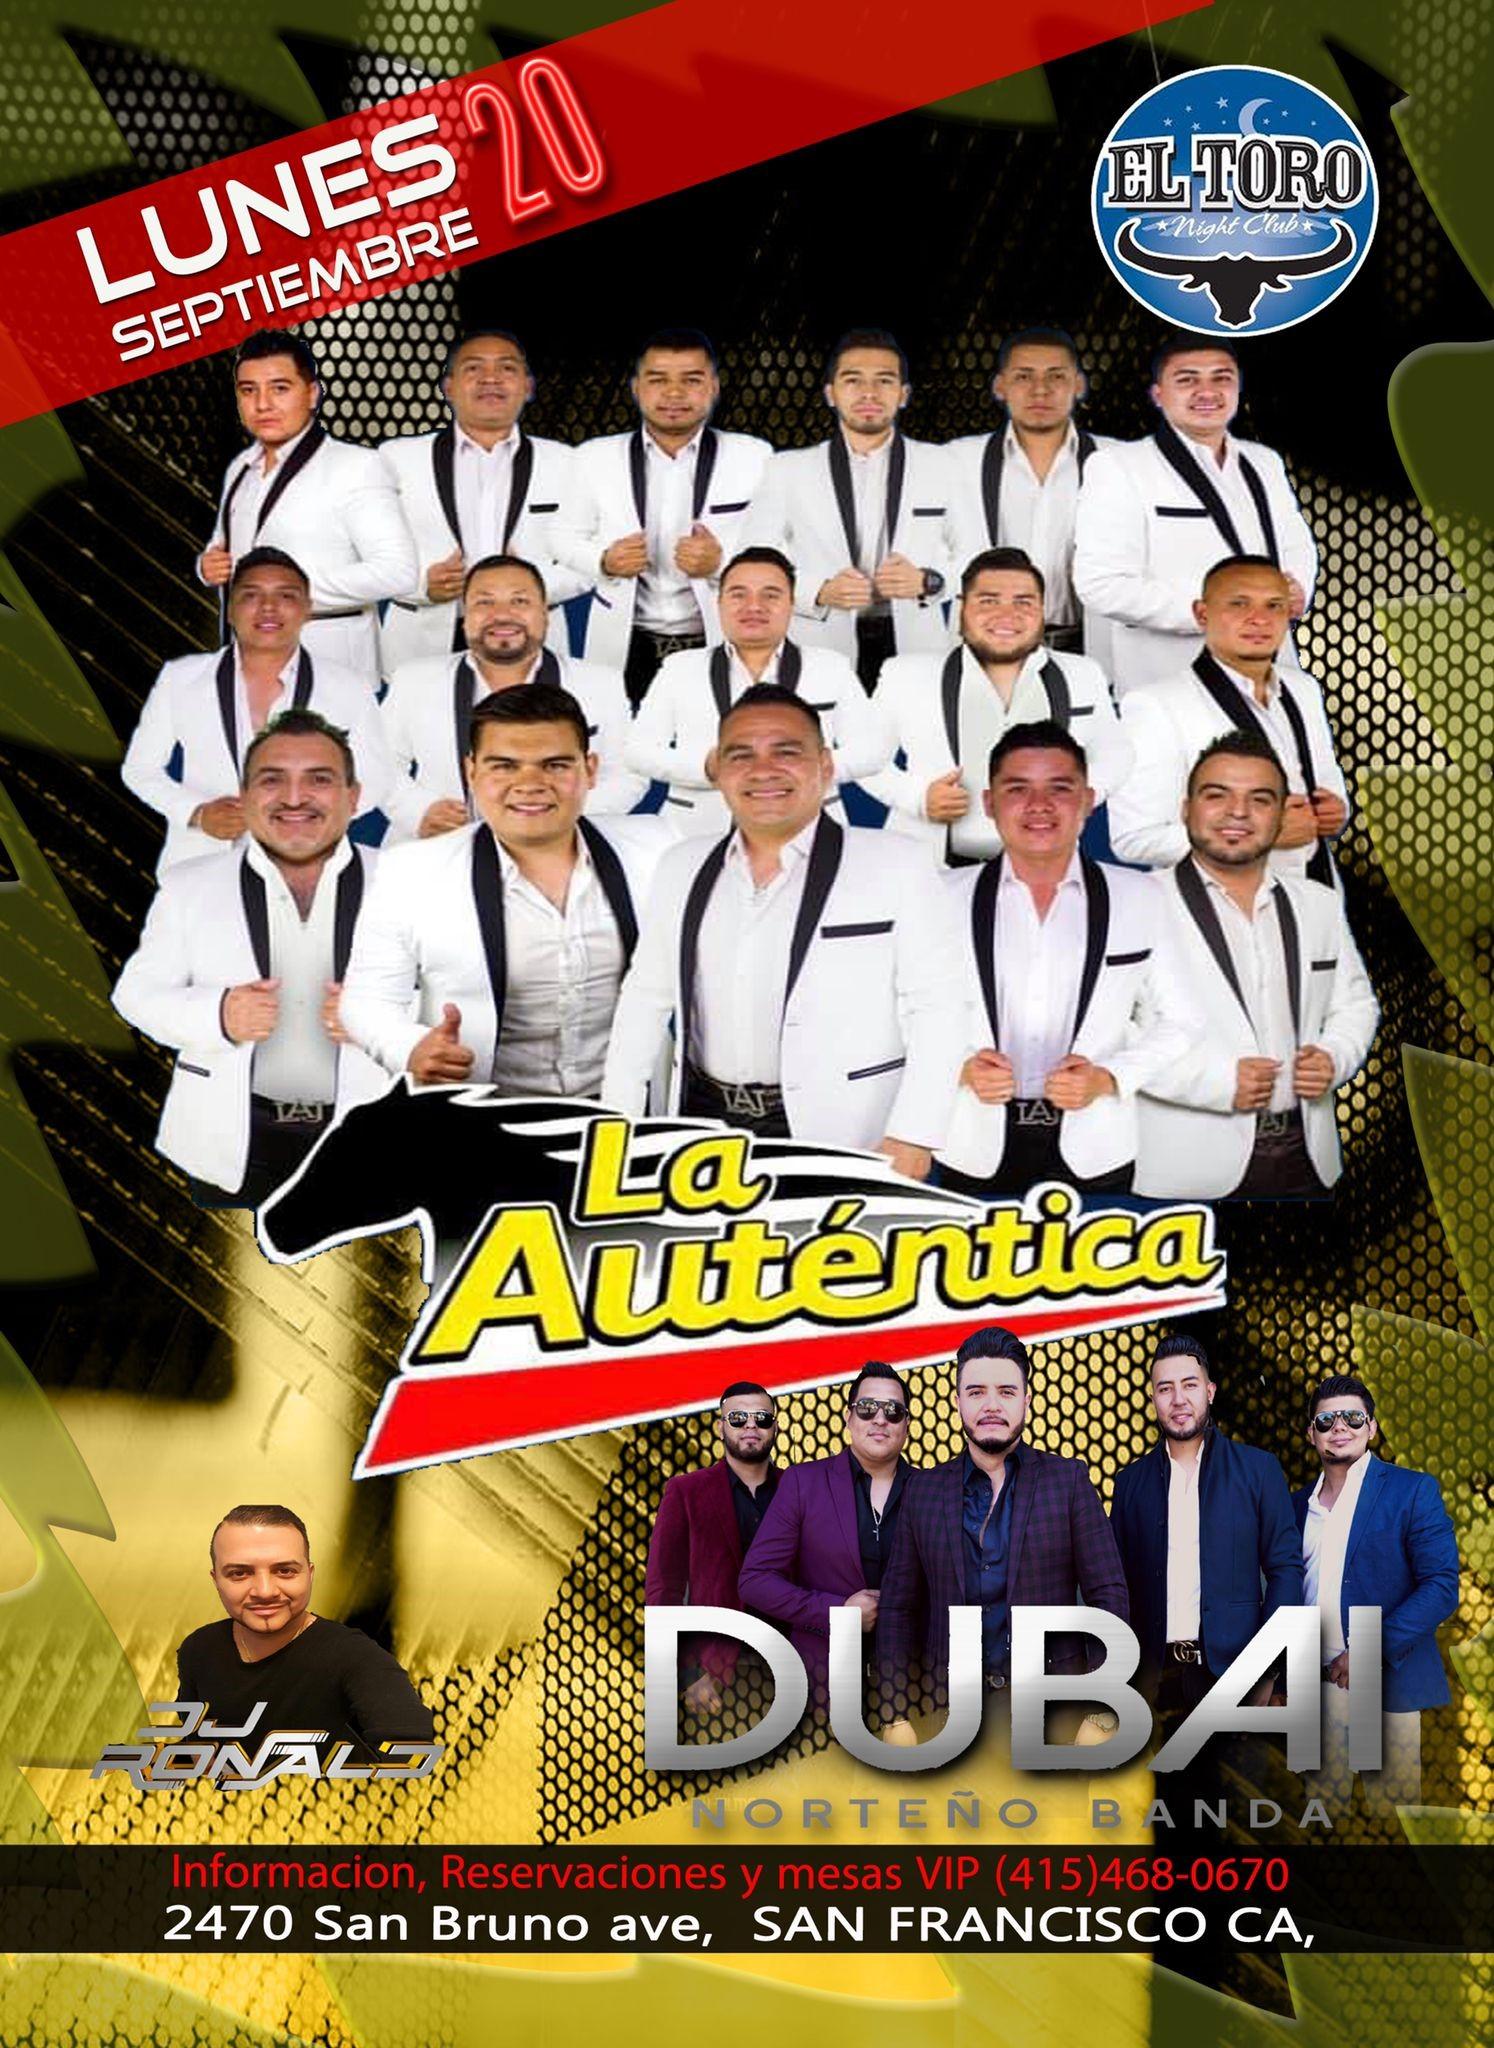 La Autentica La AUTENTICA Y GRUPO DUBAI on sep. 20, 20:00@El Toro Night CLub - Compra entradas y obtén información enwww.eltoronightclub.com